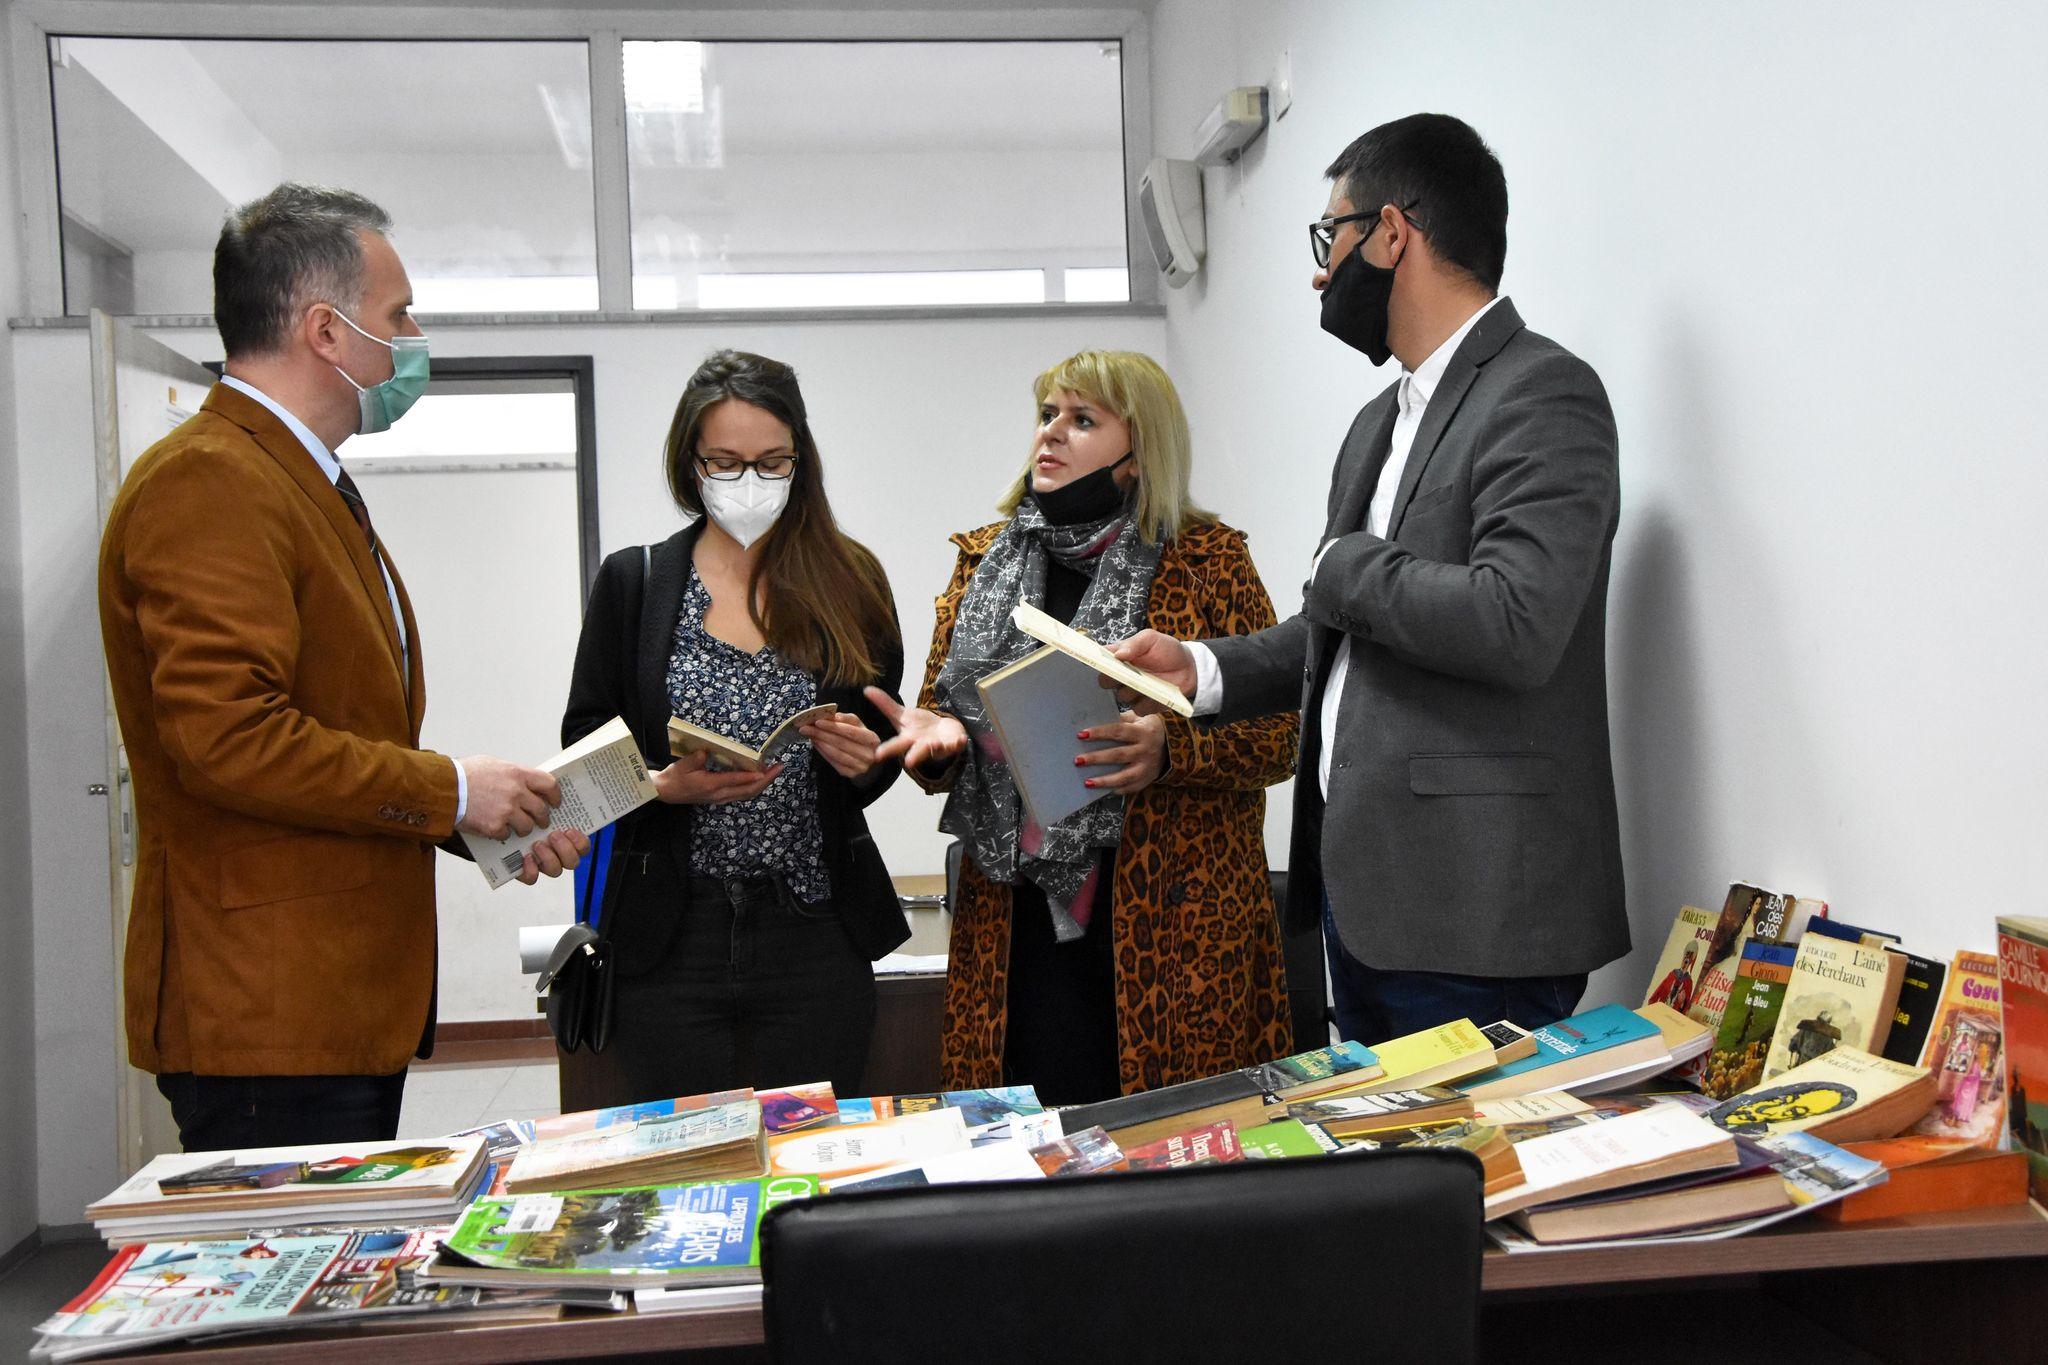 Instituti Francez në Shkup i dhuroi një donacion librash Universitetit të Tetovës